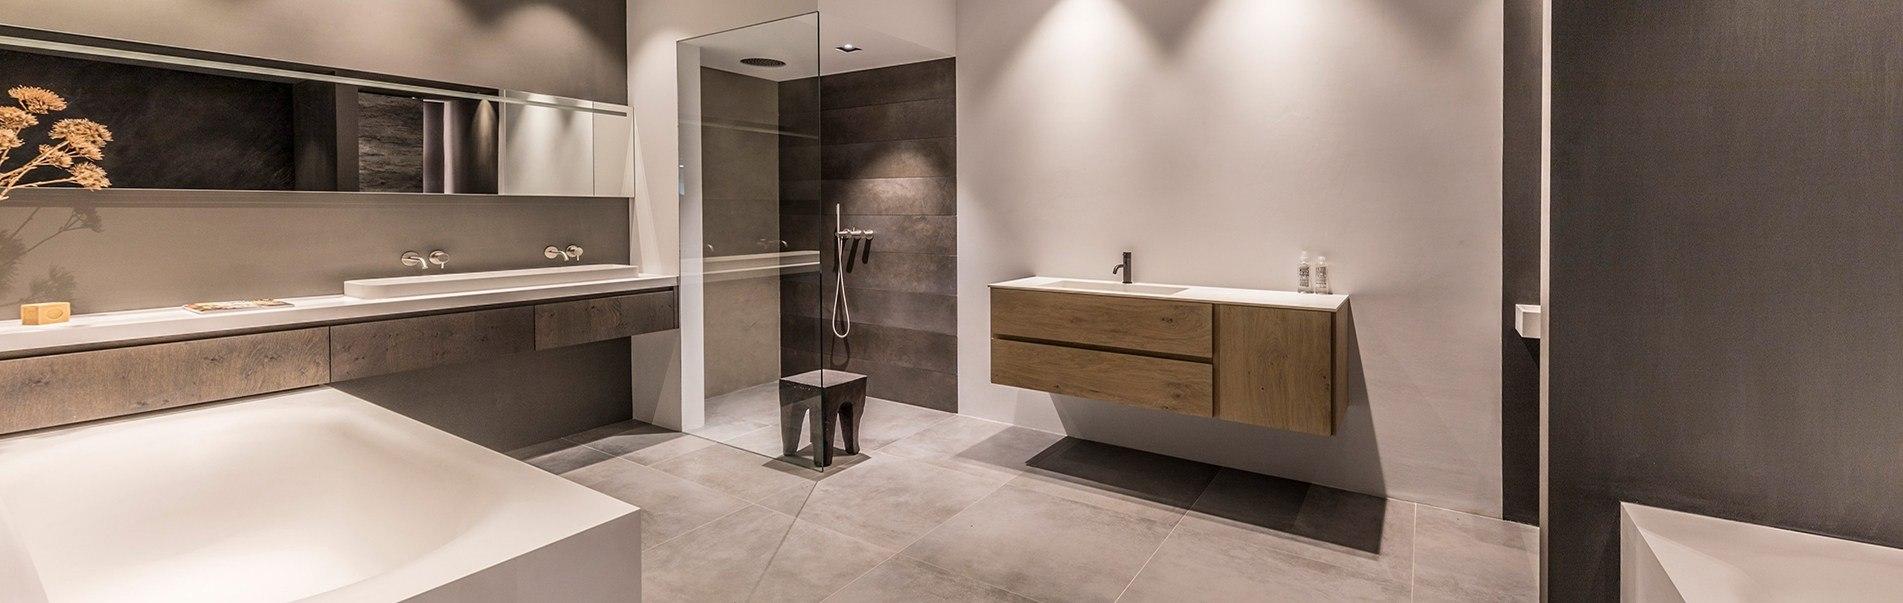 Badkamer inspiratie bij B DUTCH. Laat onze ontwerpers meedenken met uw badkamer ideeën en badkamer ontwerpen.